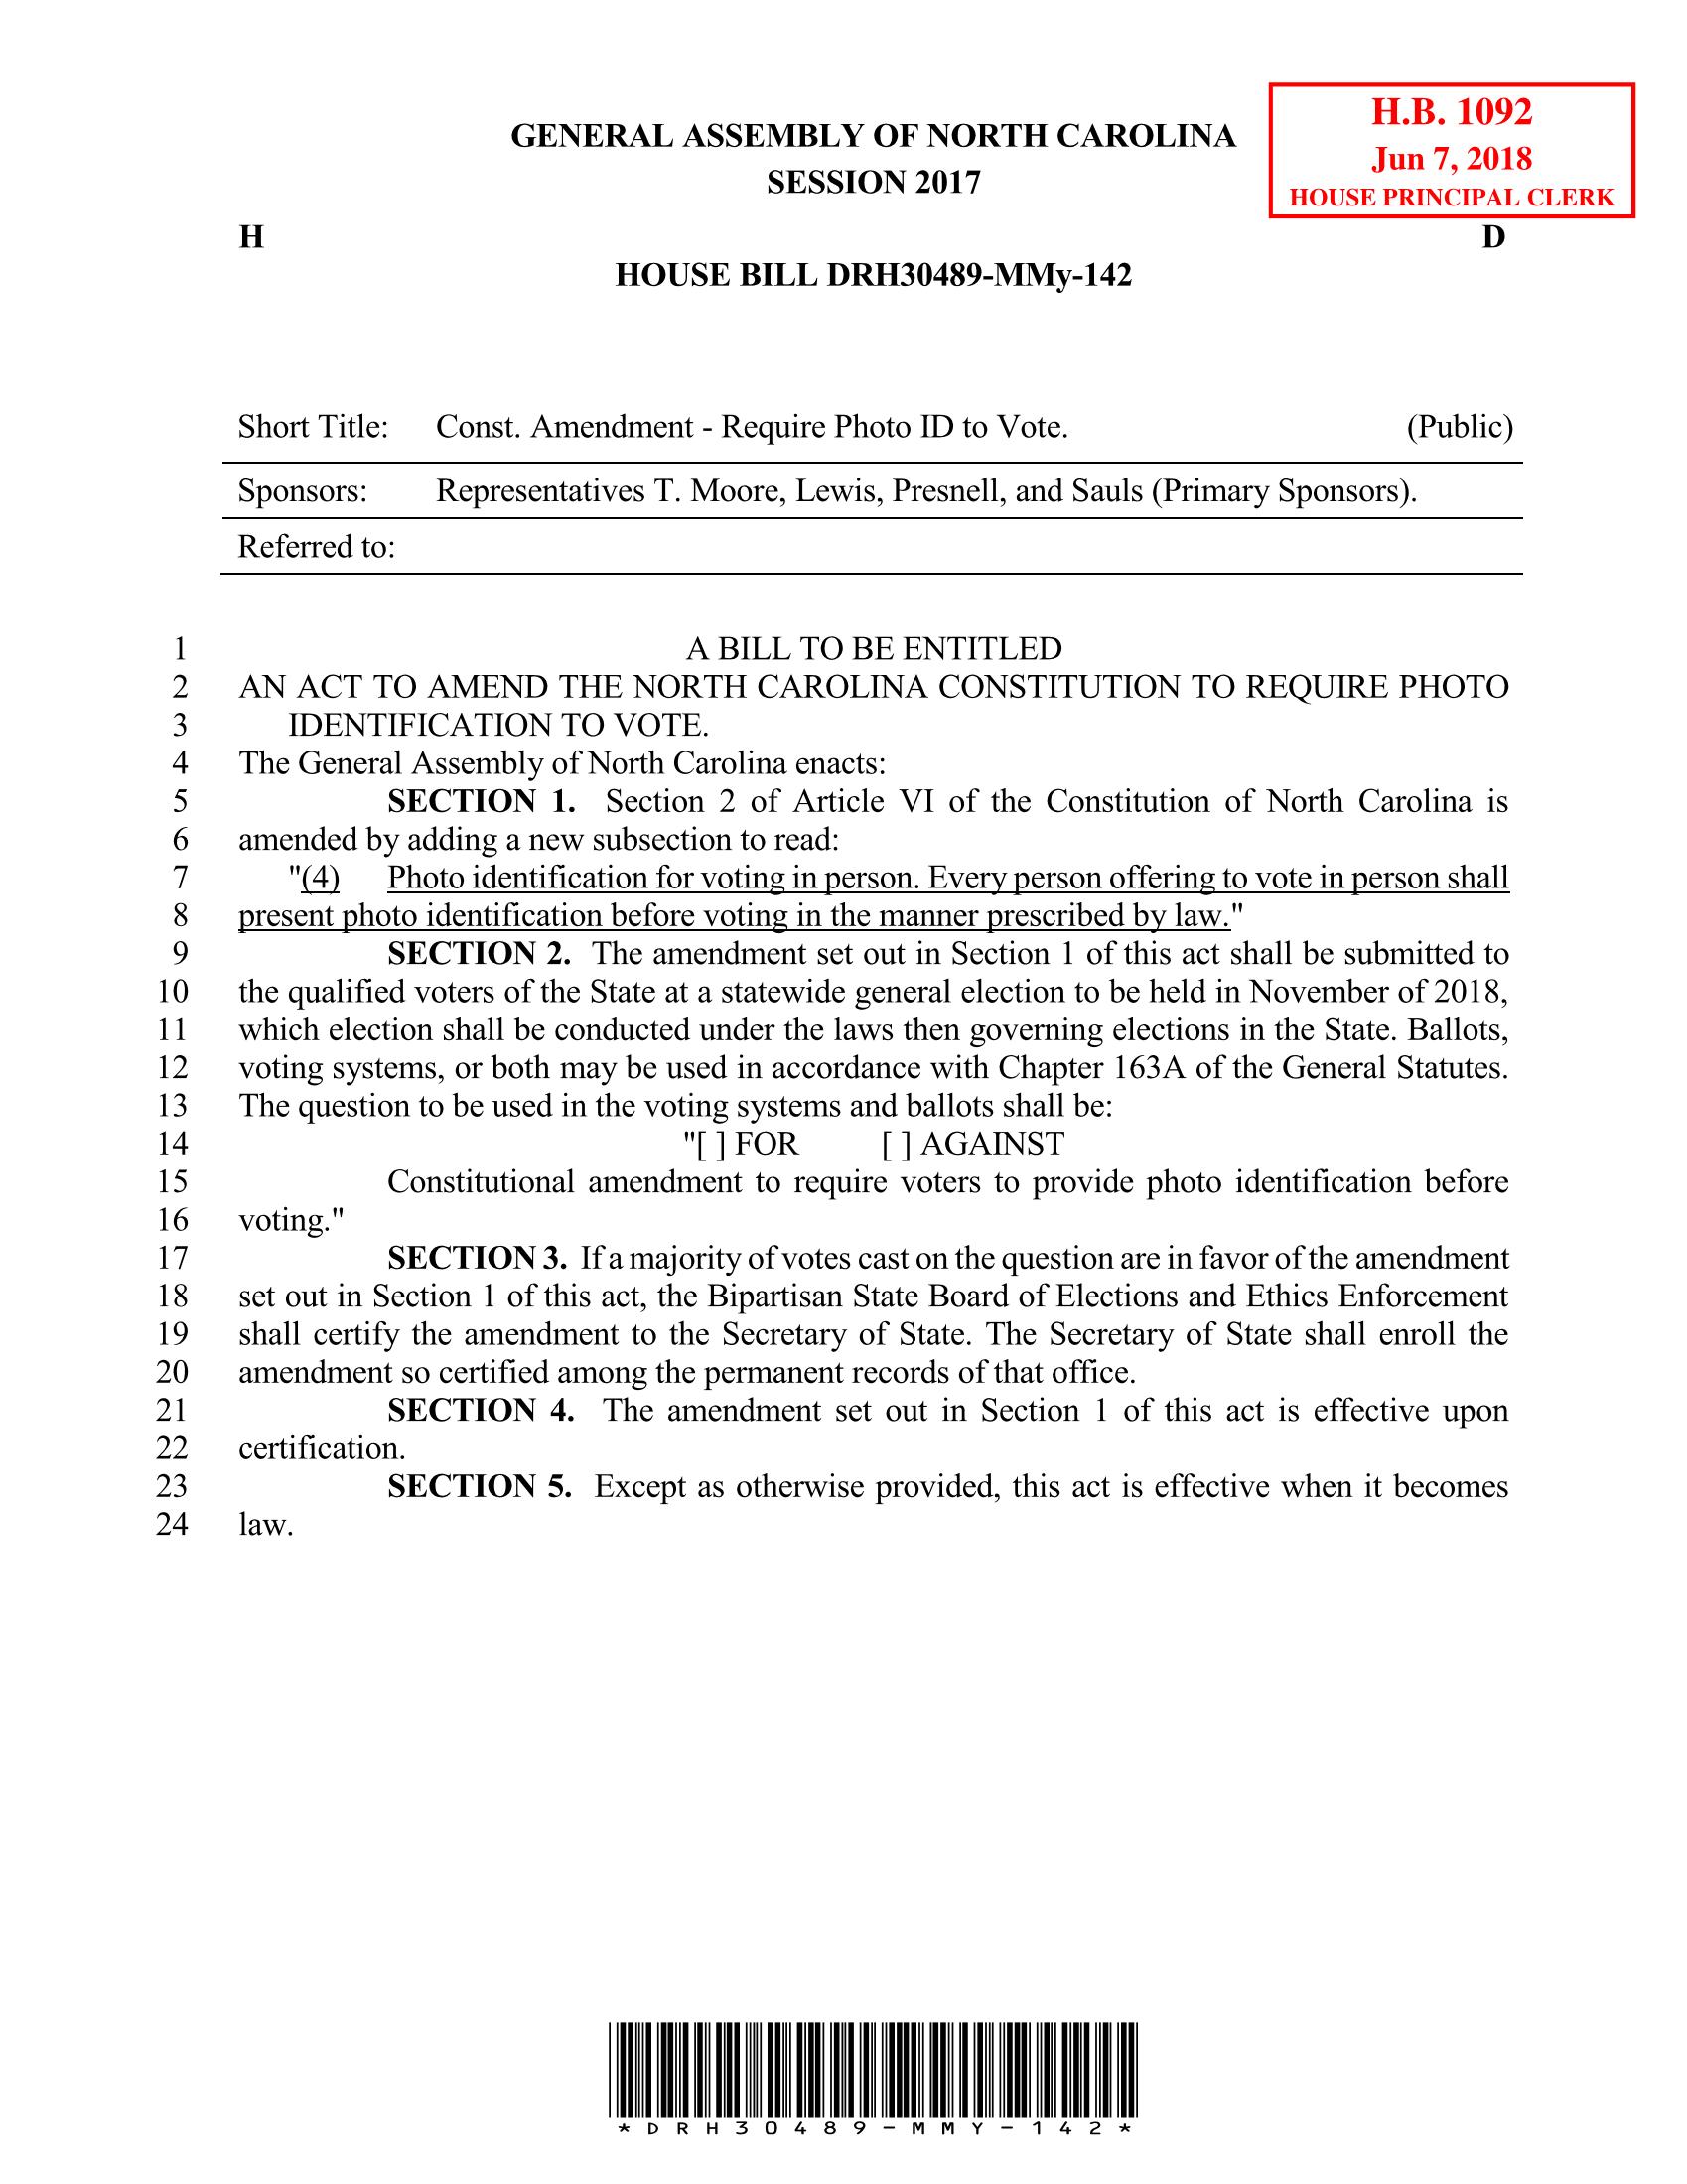 House Bill DHR30489